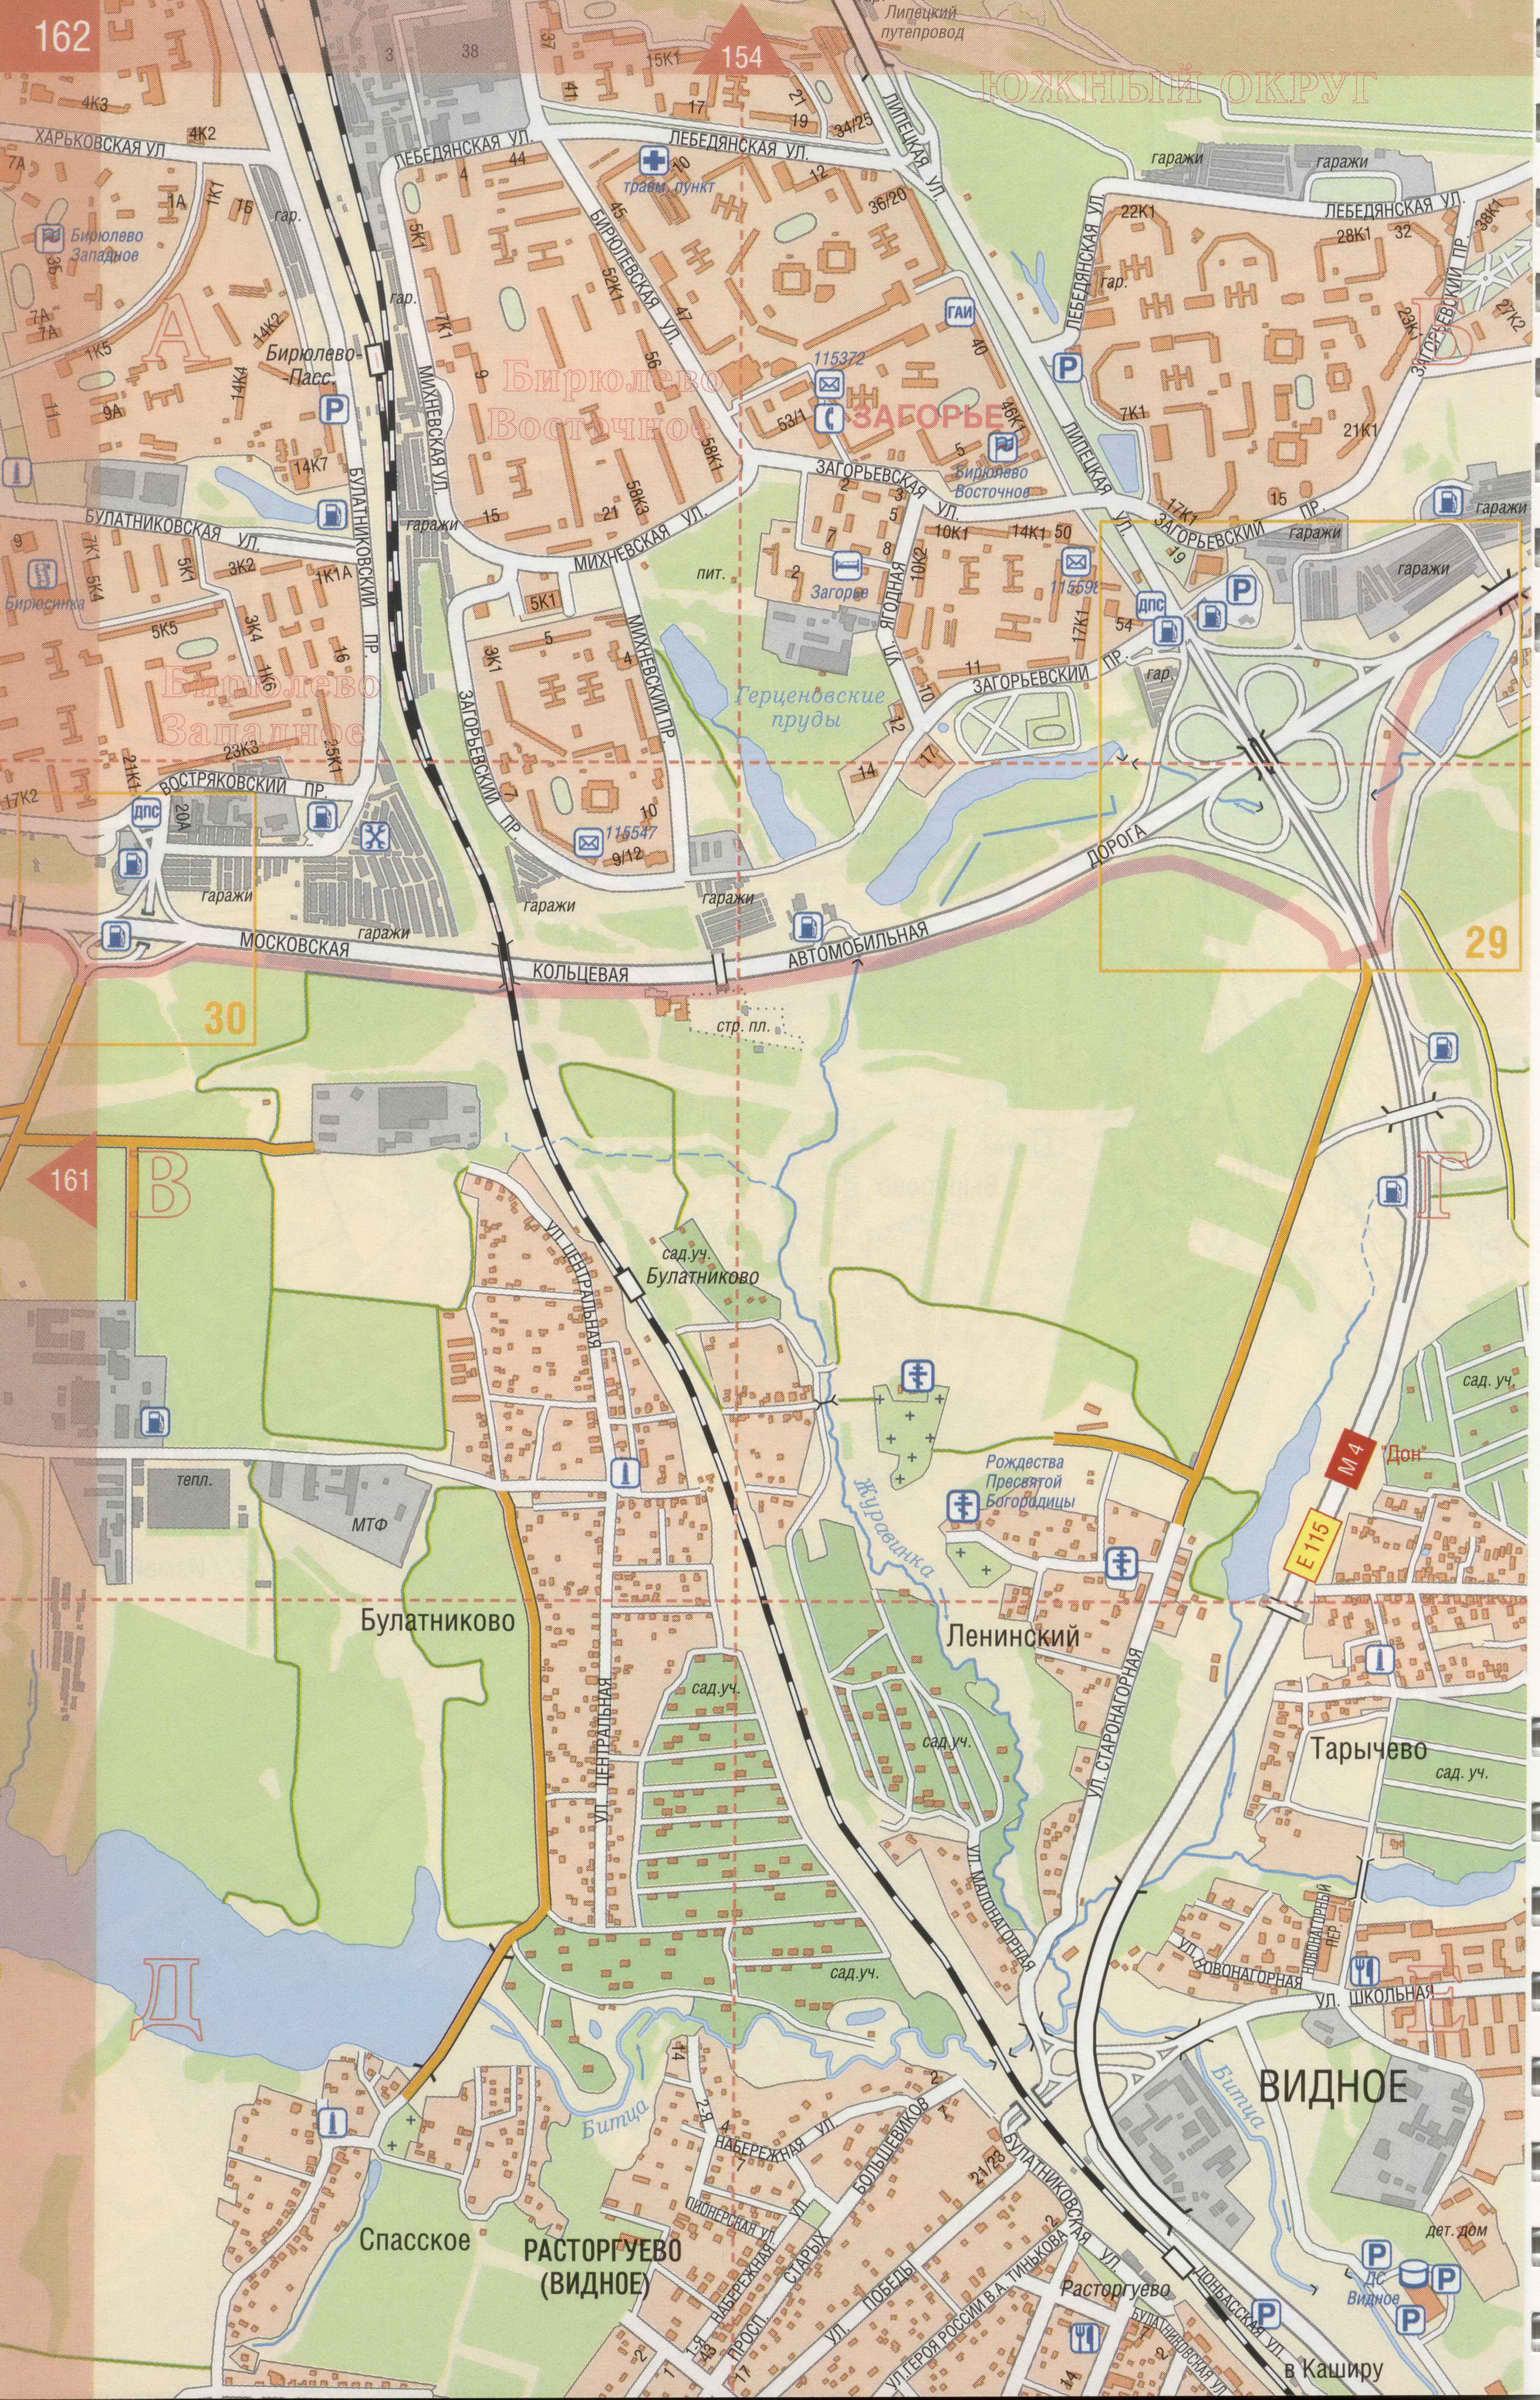 Карта Москвы с названиями улиц. Подробная карта улиц ...: http://rus-map.ru/map257859_8_7.htm